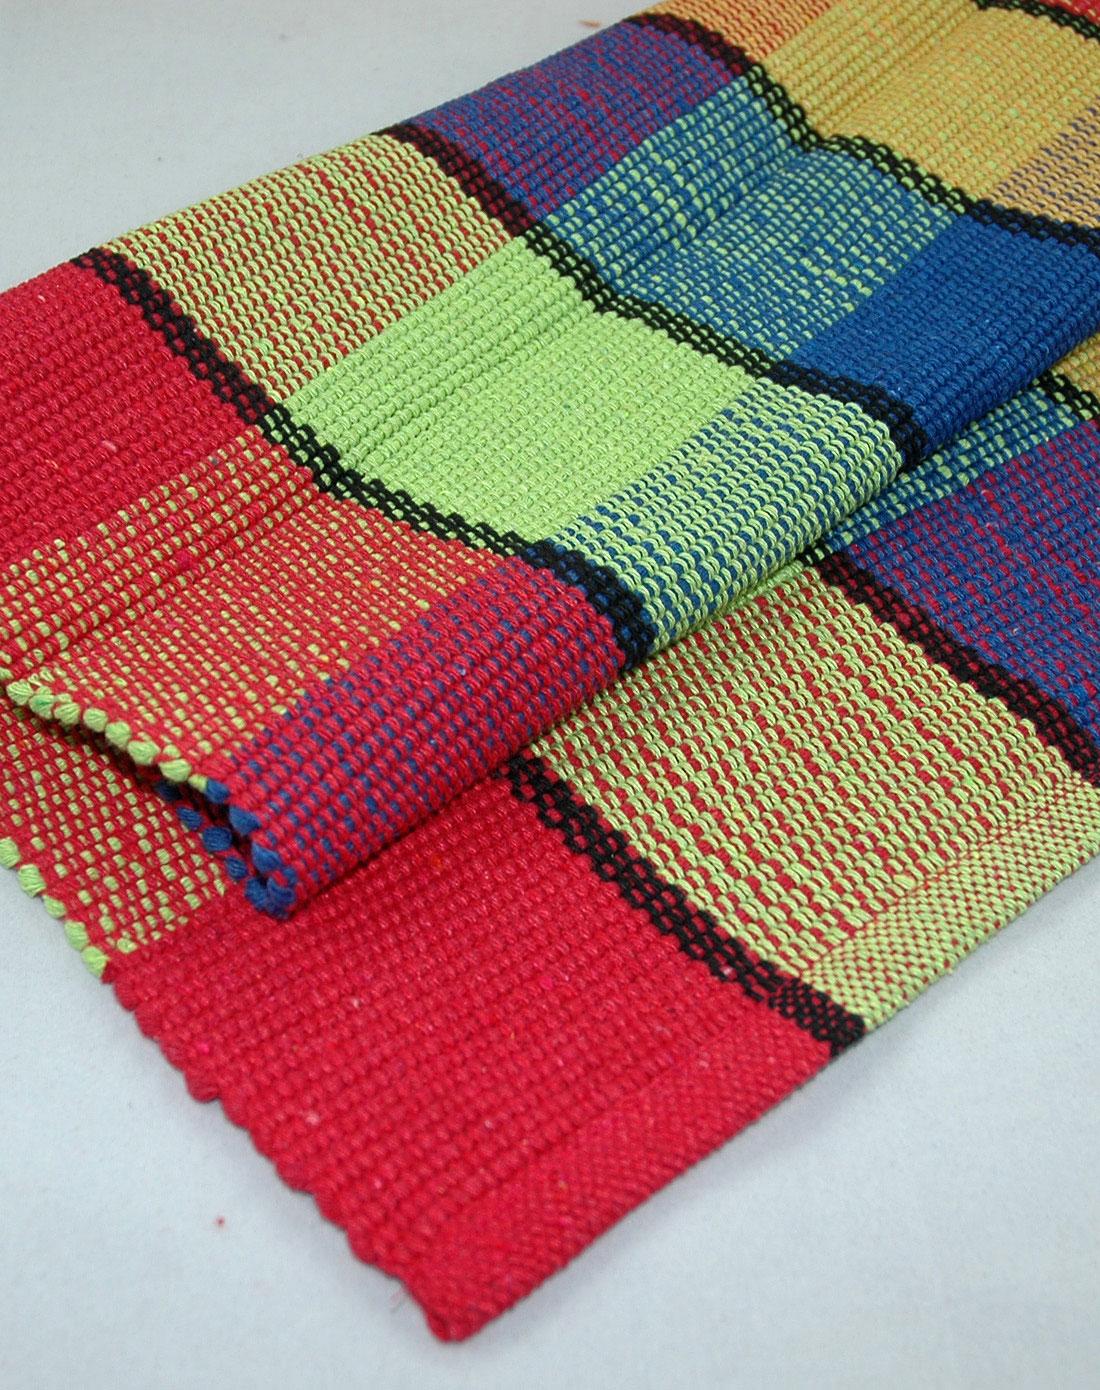 纯棉手工编织地毯脚垫45*75cm